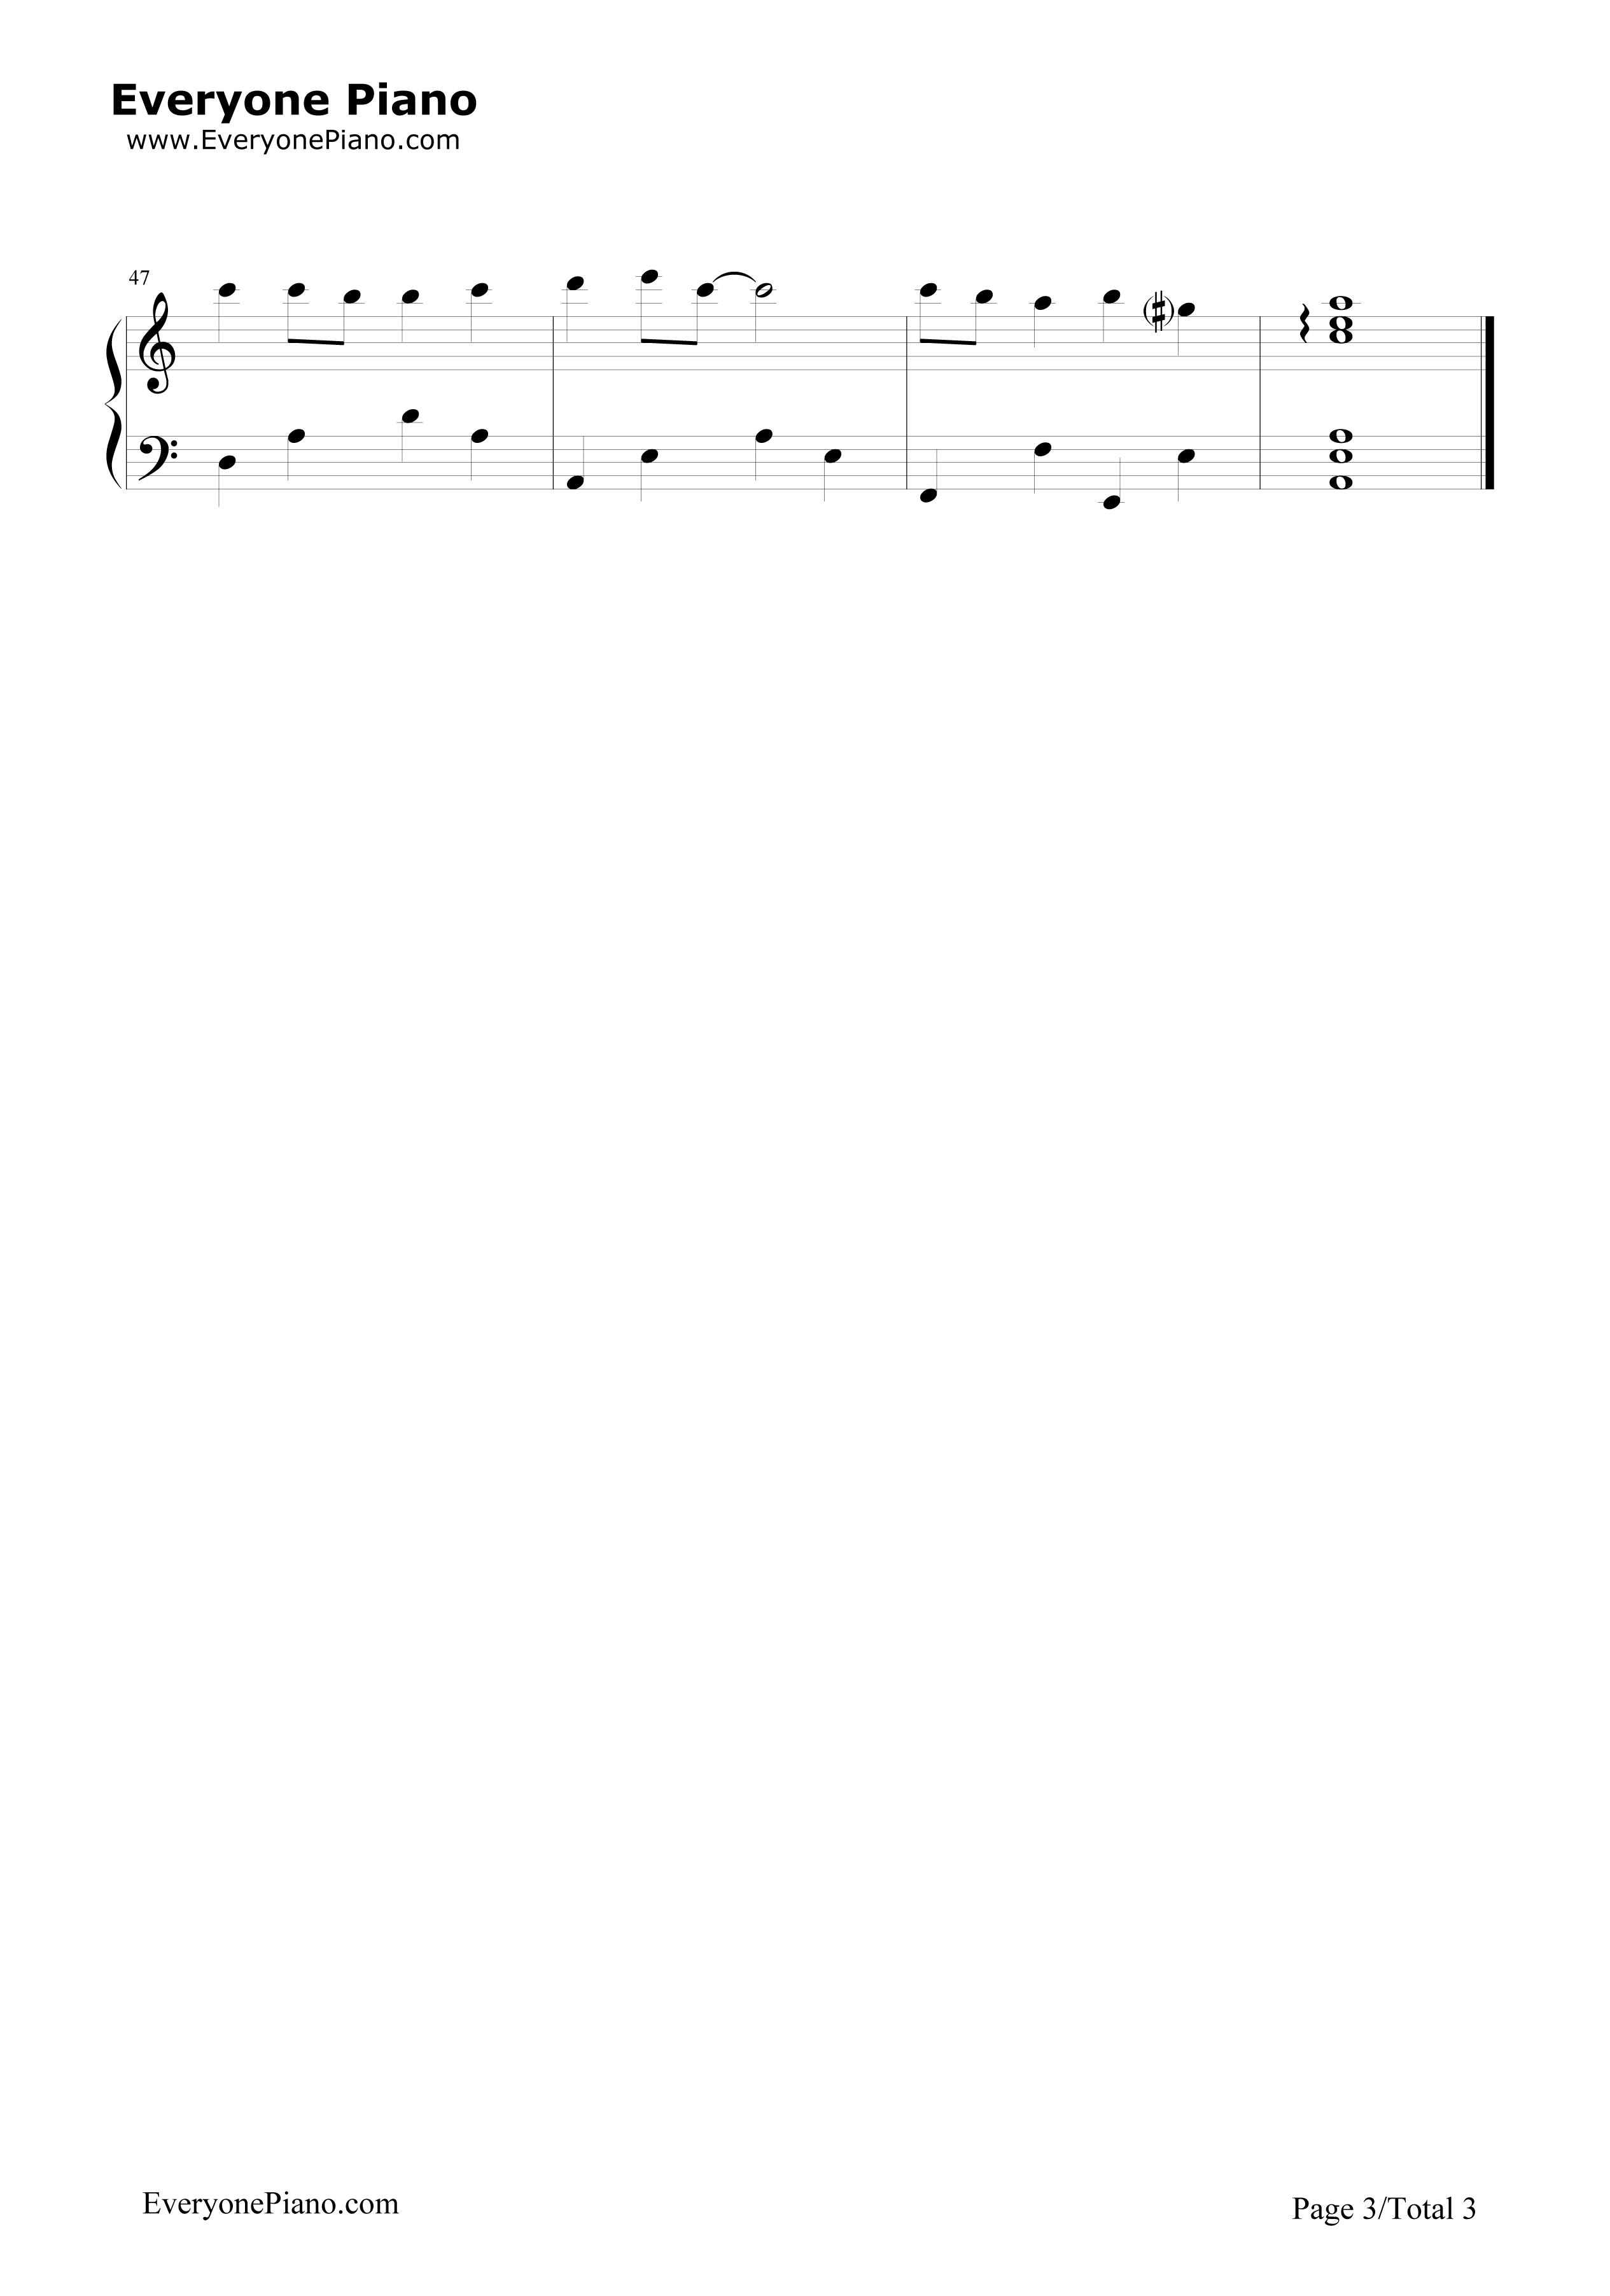 天空之城完美简单版-eop教学曲五线谱预览3-钢琴谱(,)图片